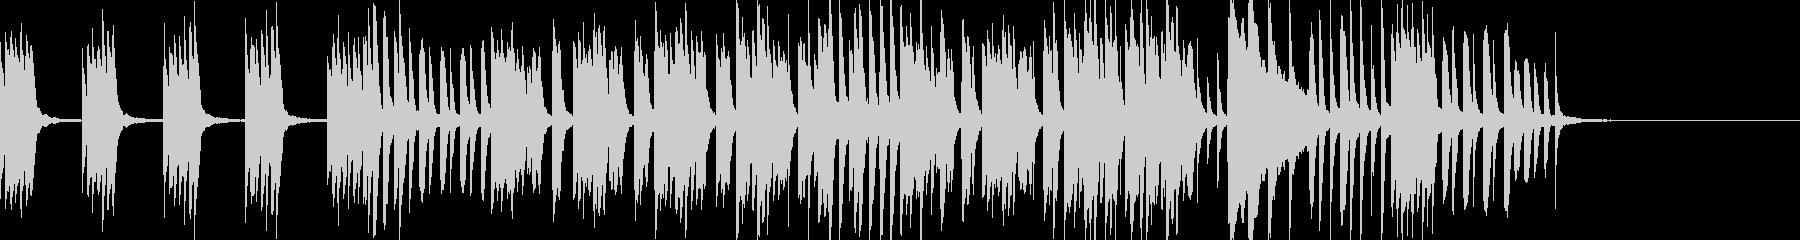 ほのぼの楽しいリズミカルなピアノソロの未再生の波形